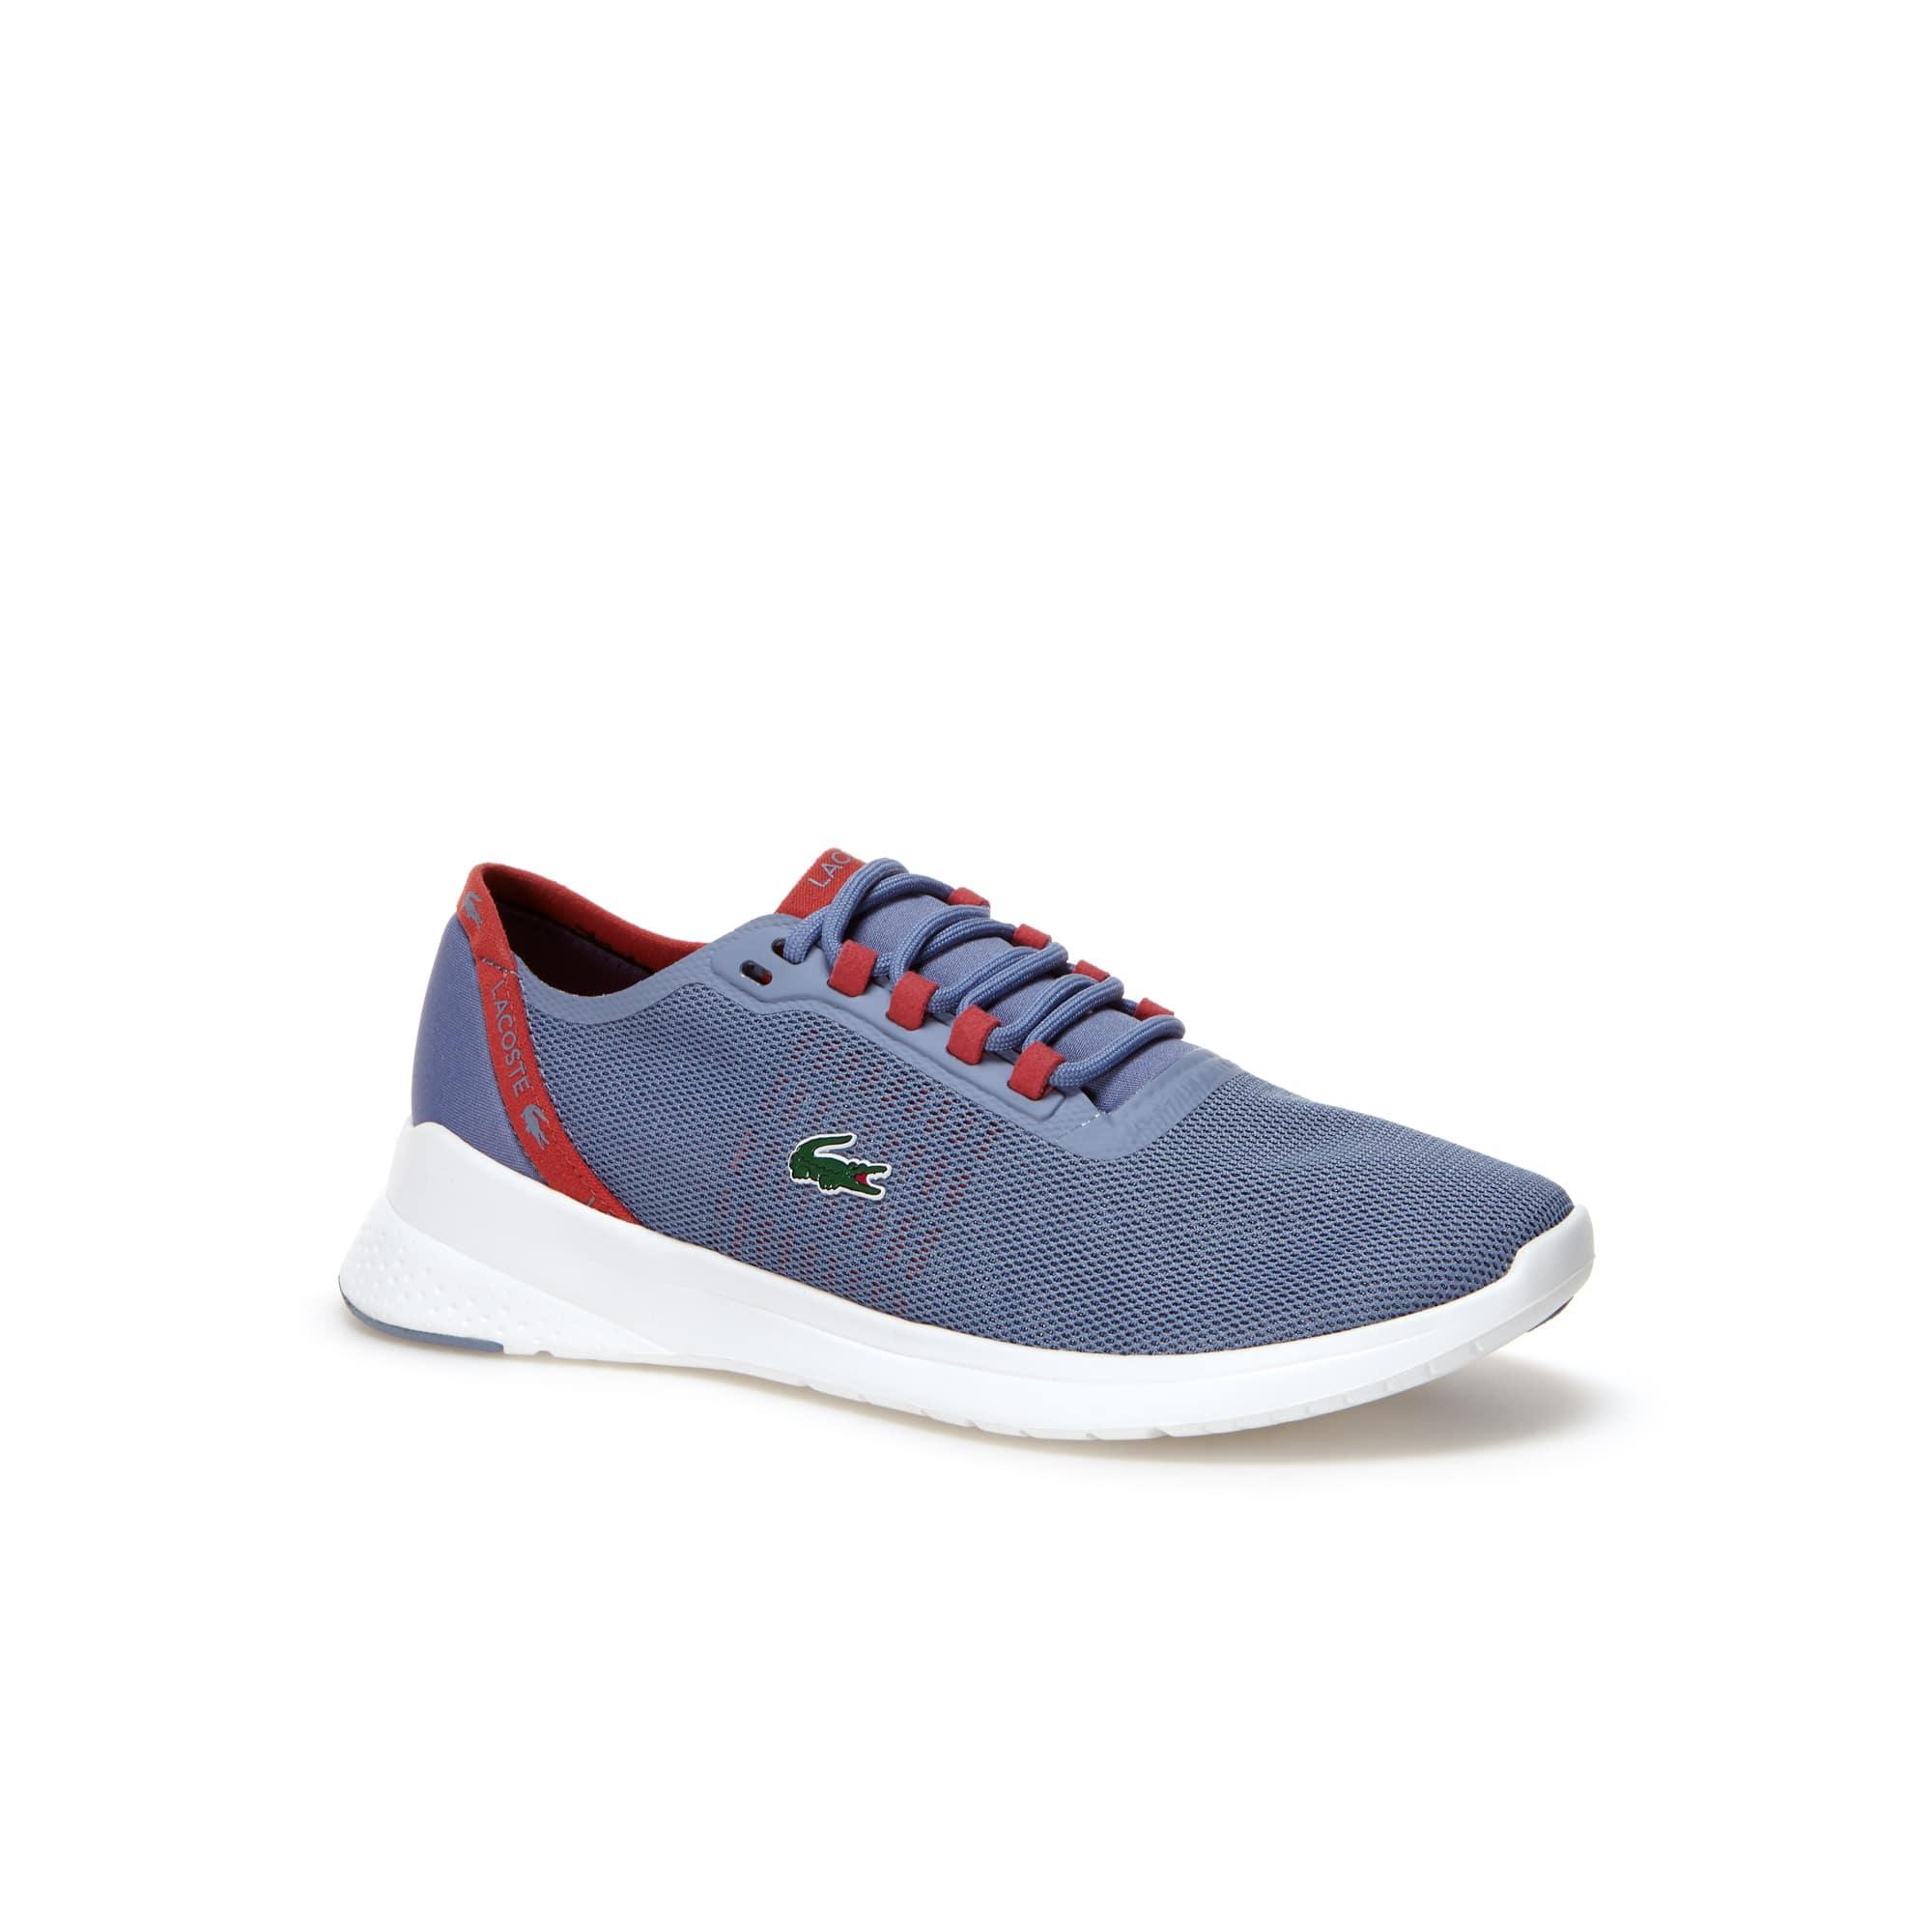 Sneakers LT Fit en textile et résille technique